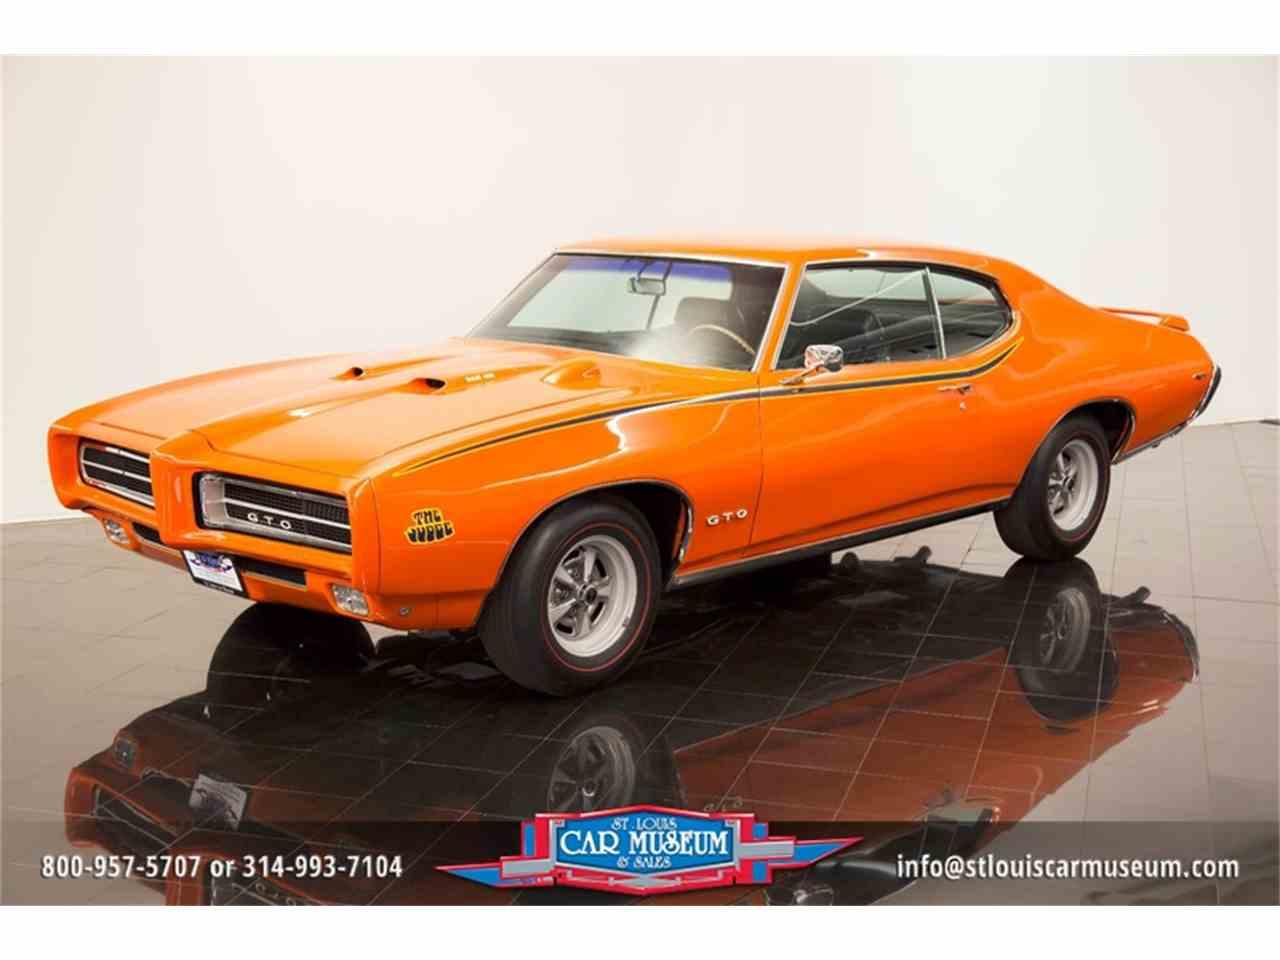 1969 Pontiac GTO (The Judge) for Sale - CC-1018920